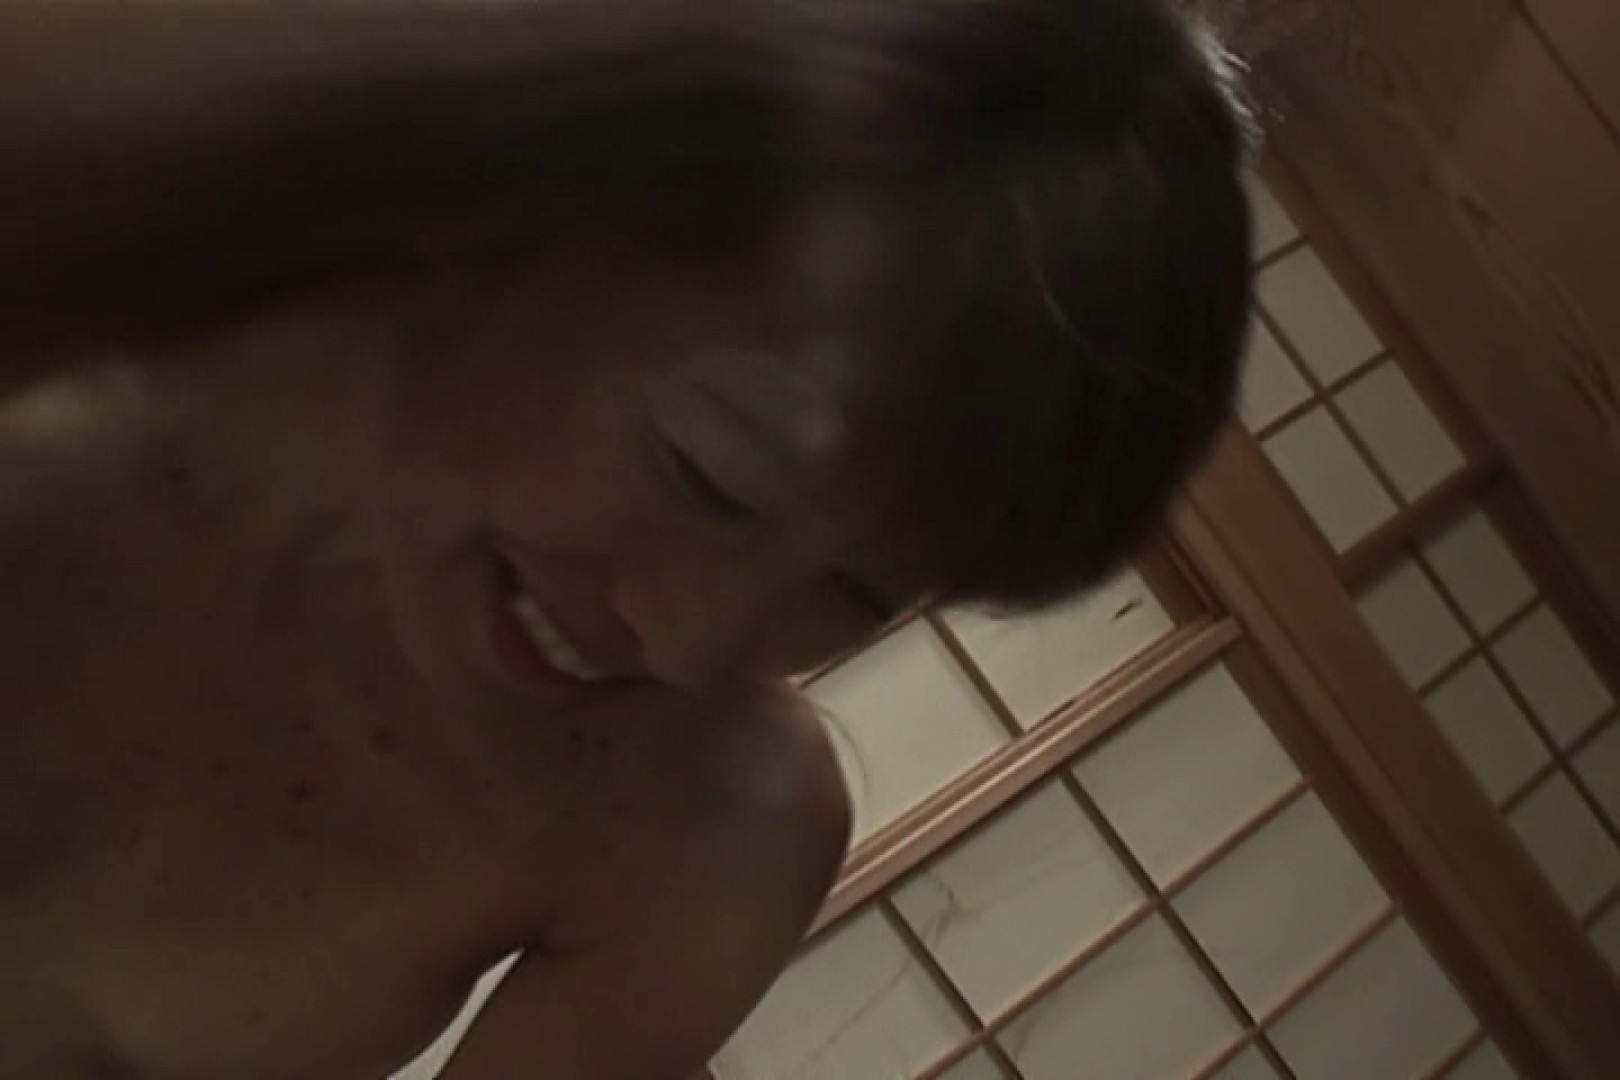 Aカップ奥様はまたがるのが大好き~森山ゆきこ~ SEX映像 隠し撮りオマンコ動画紹介 91連発 44